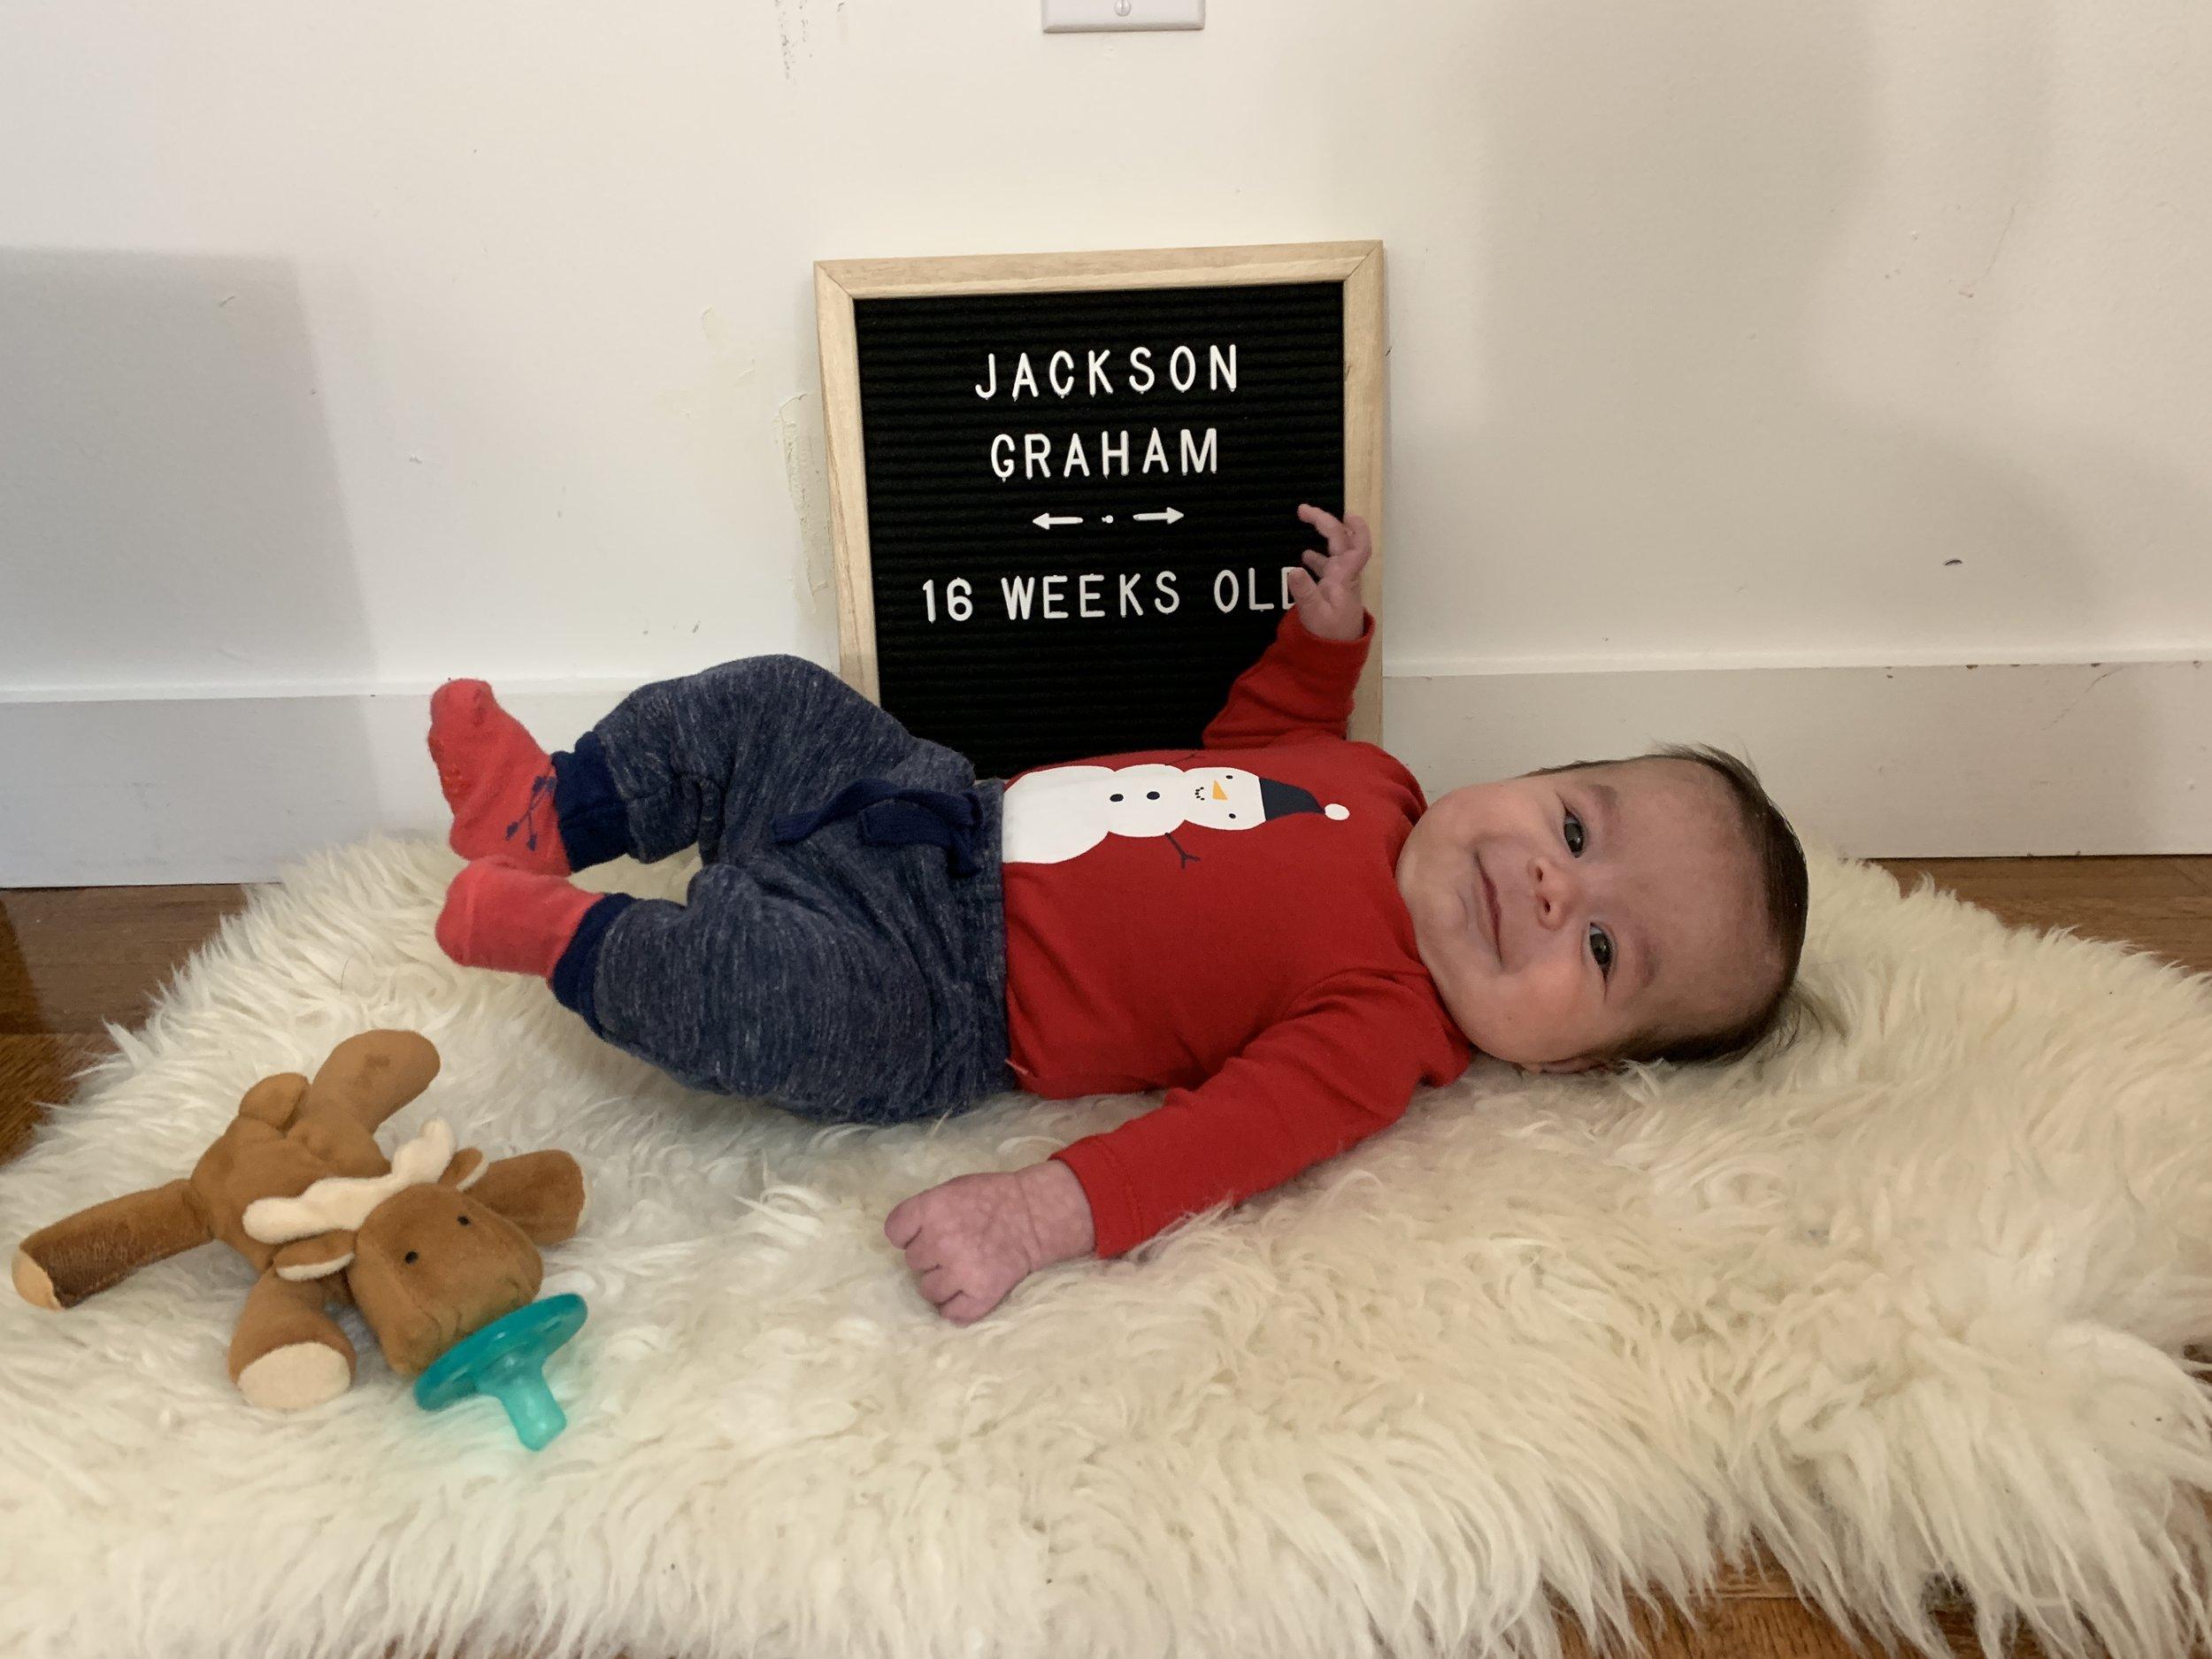 16 weeks old!